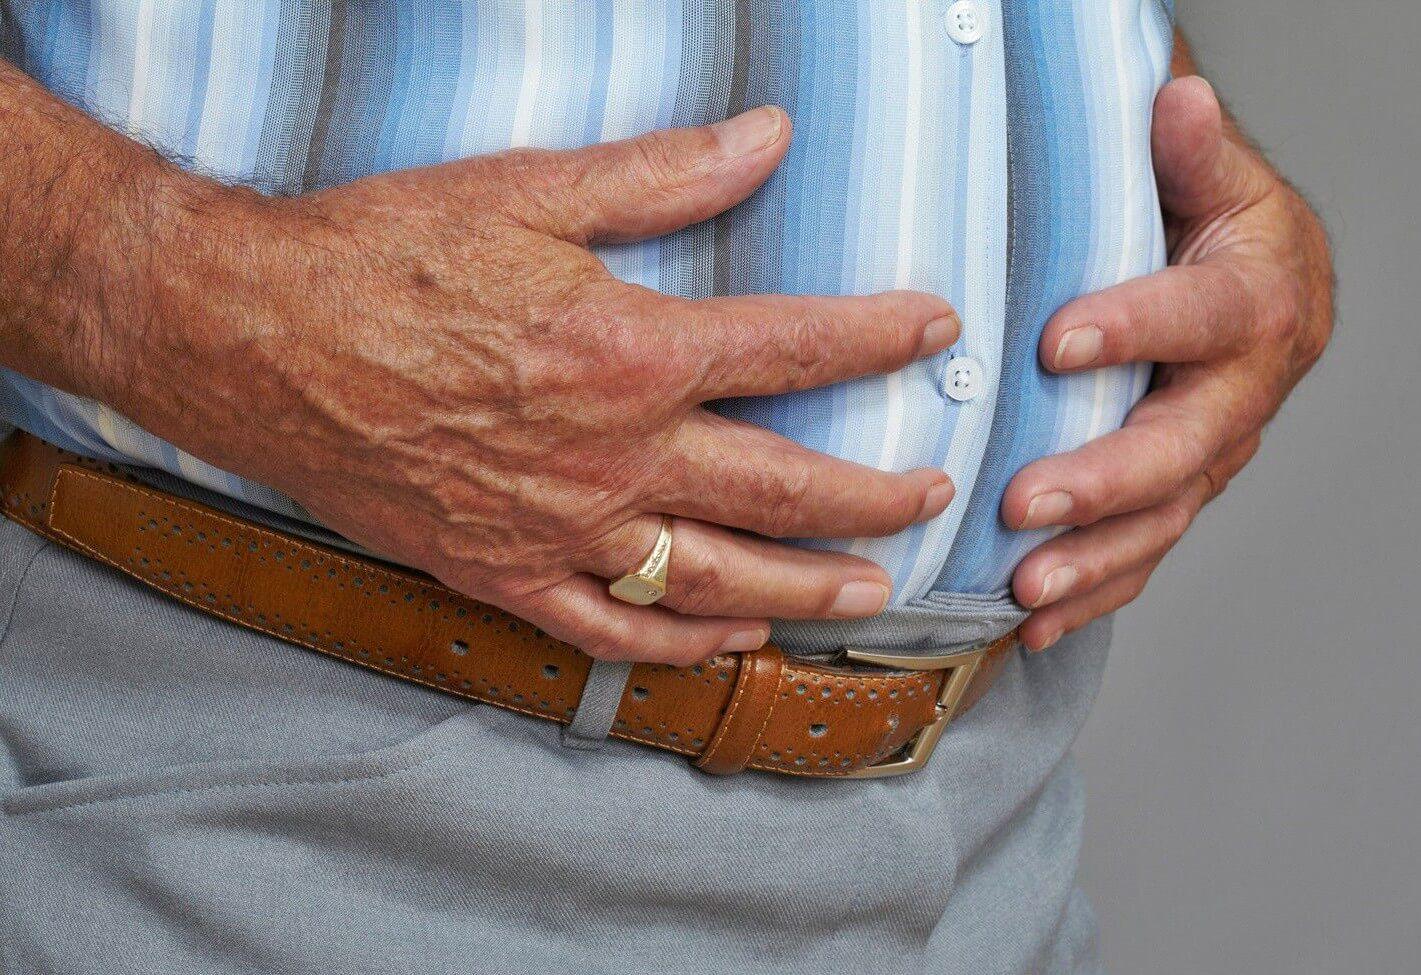 Ощущение полного живота: заболевания и патологии, другие причины